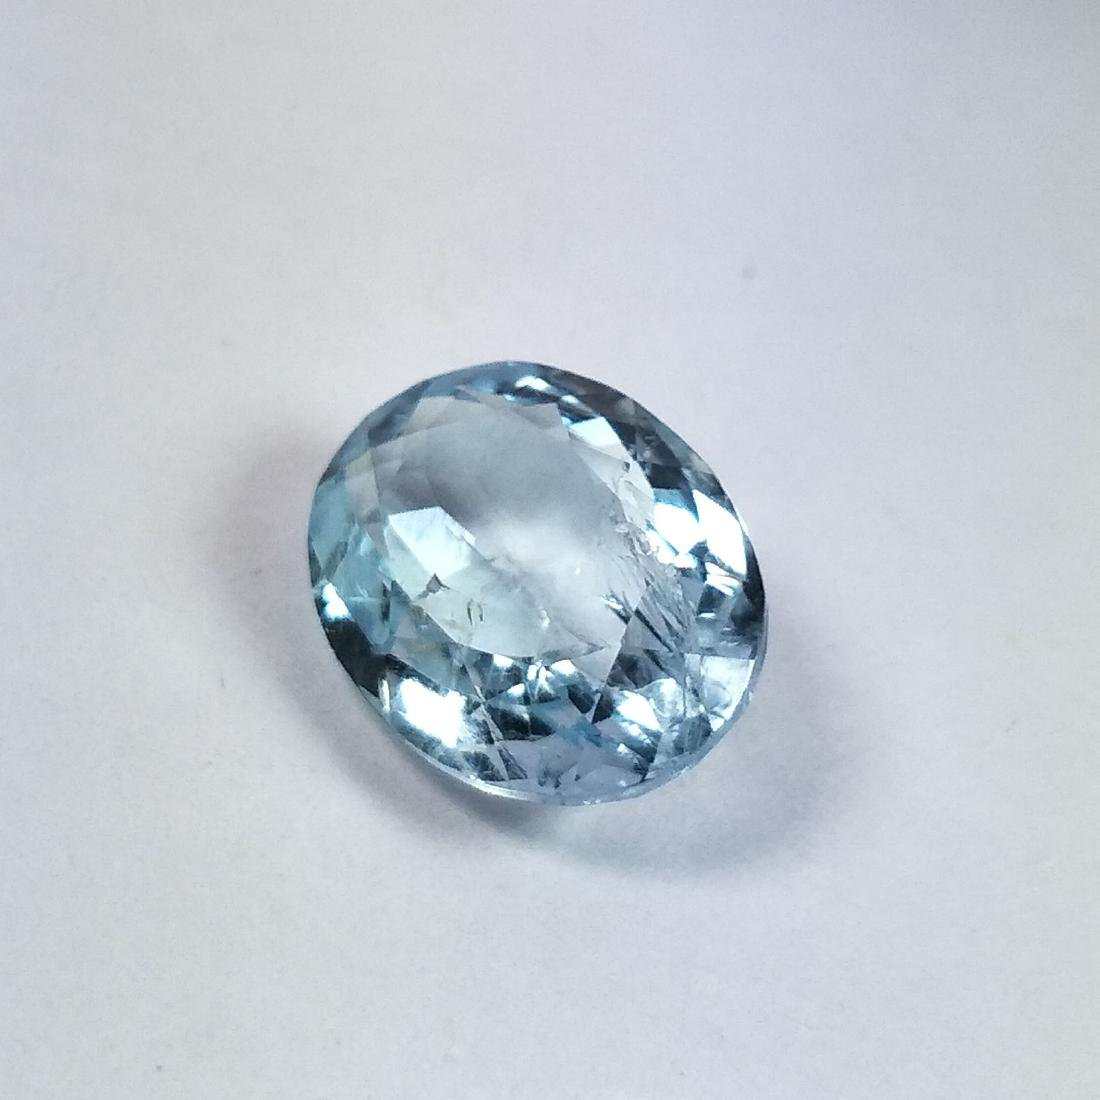 Aquamarine - 4.53 ct - 3